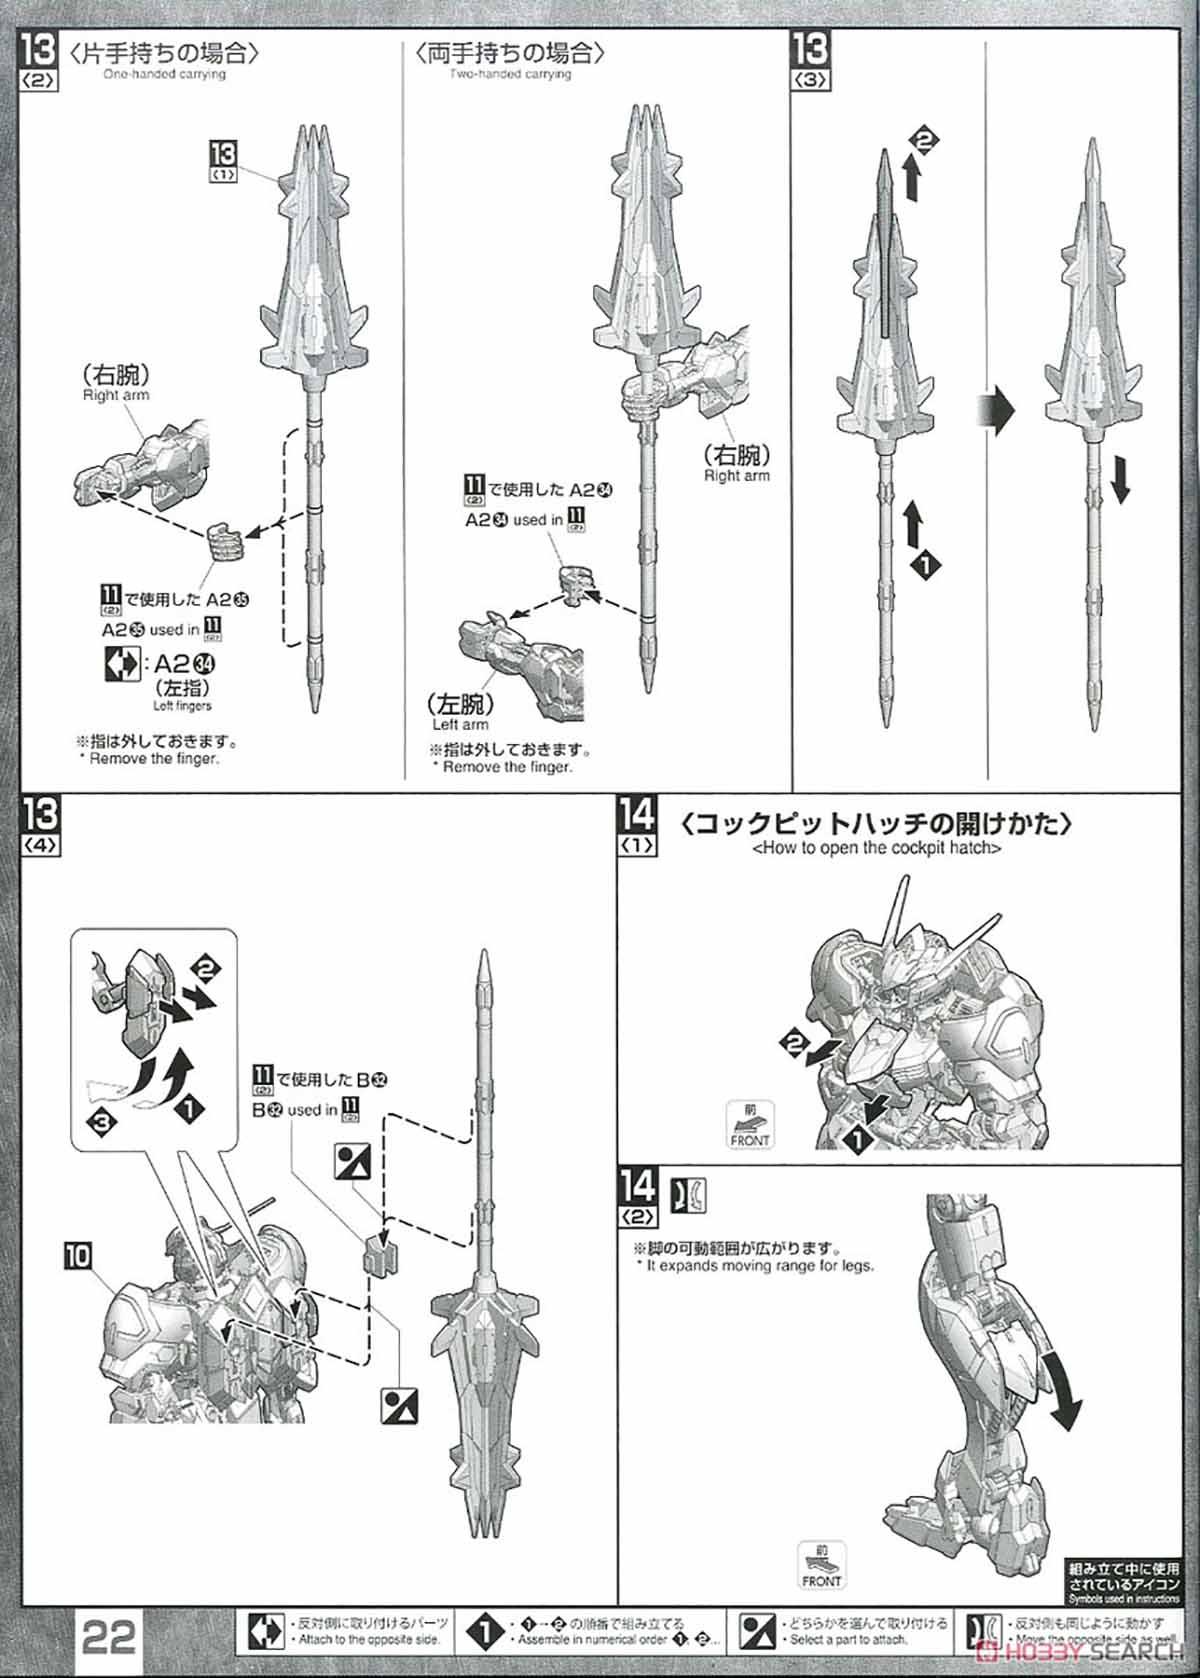 MG 1/100『ガンダムバルバトス』鉄血のオルフェンズ プラモデル-034